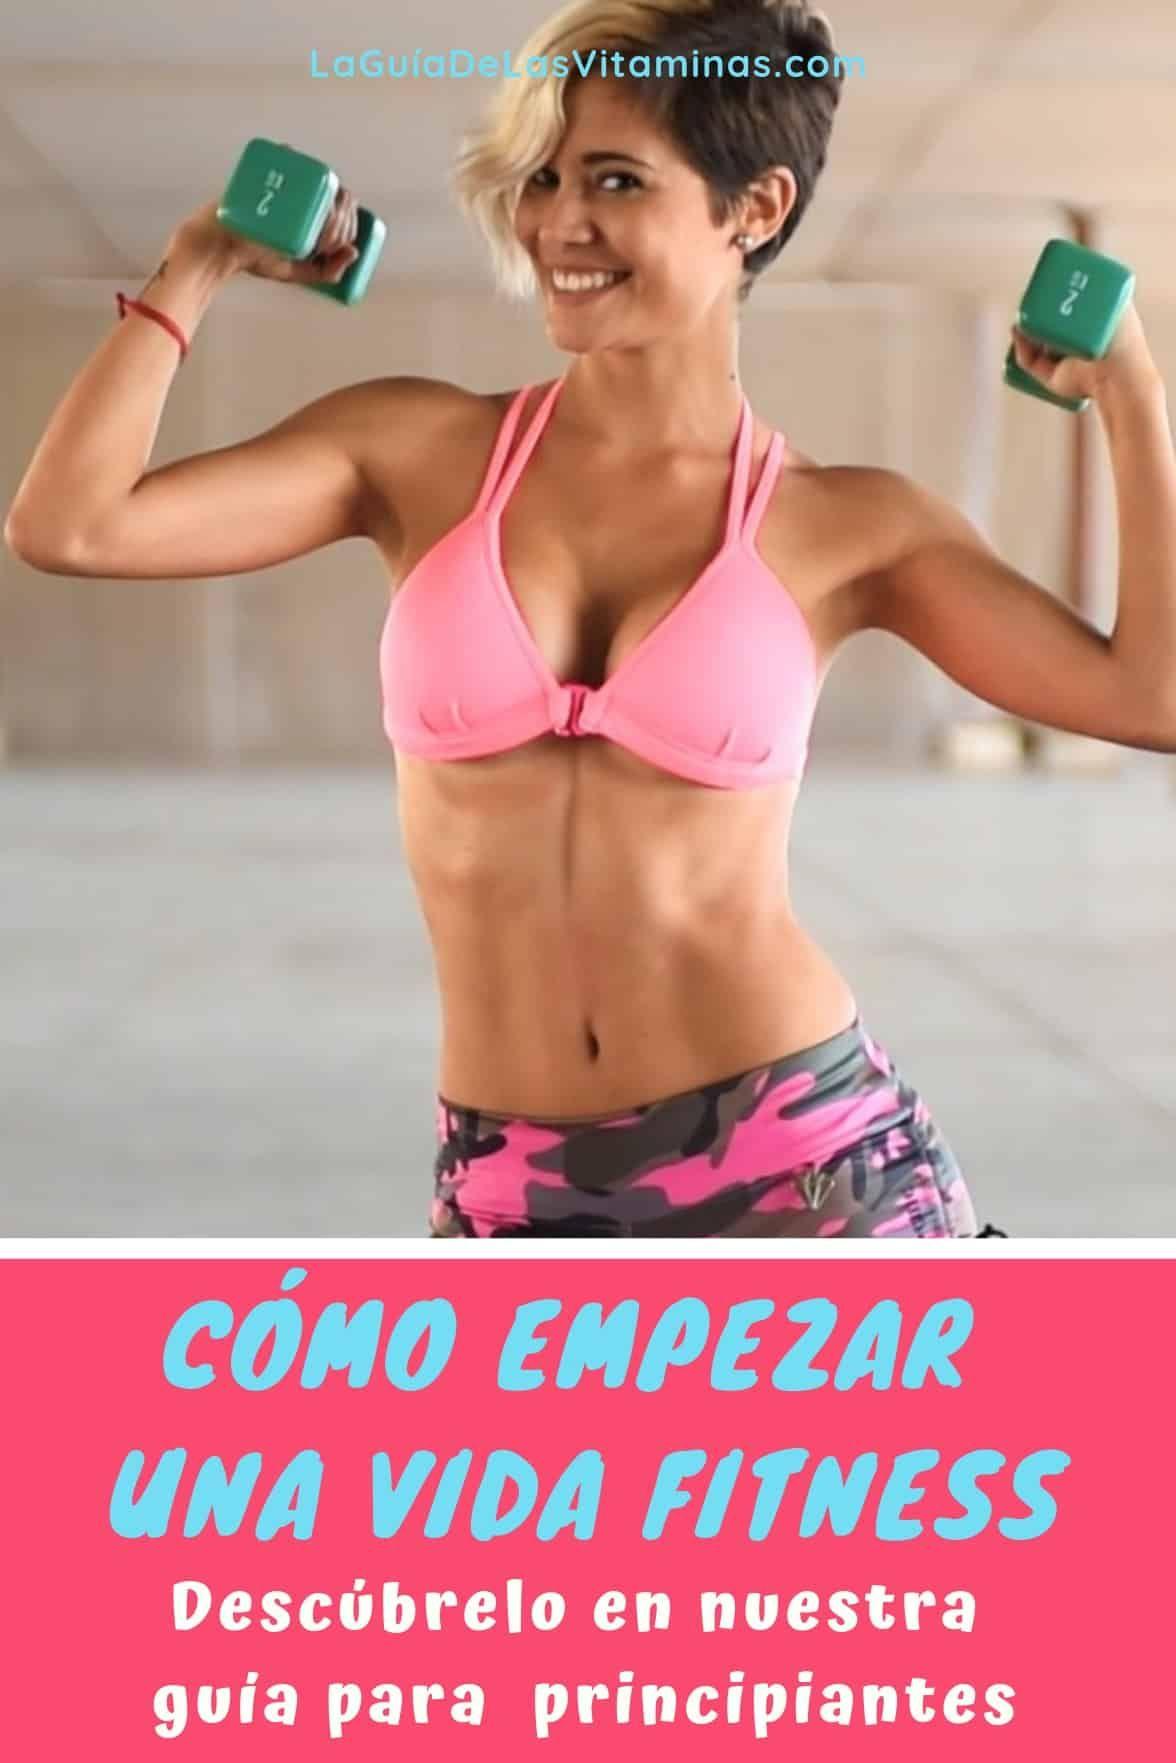 Como empezar una vida fitness